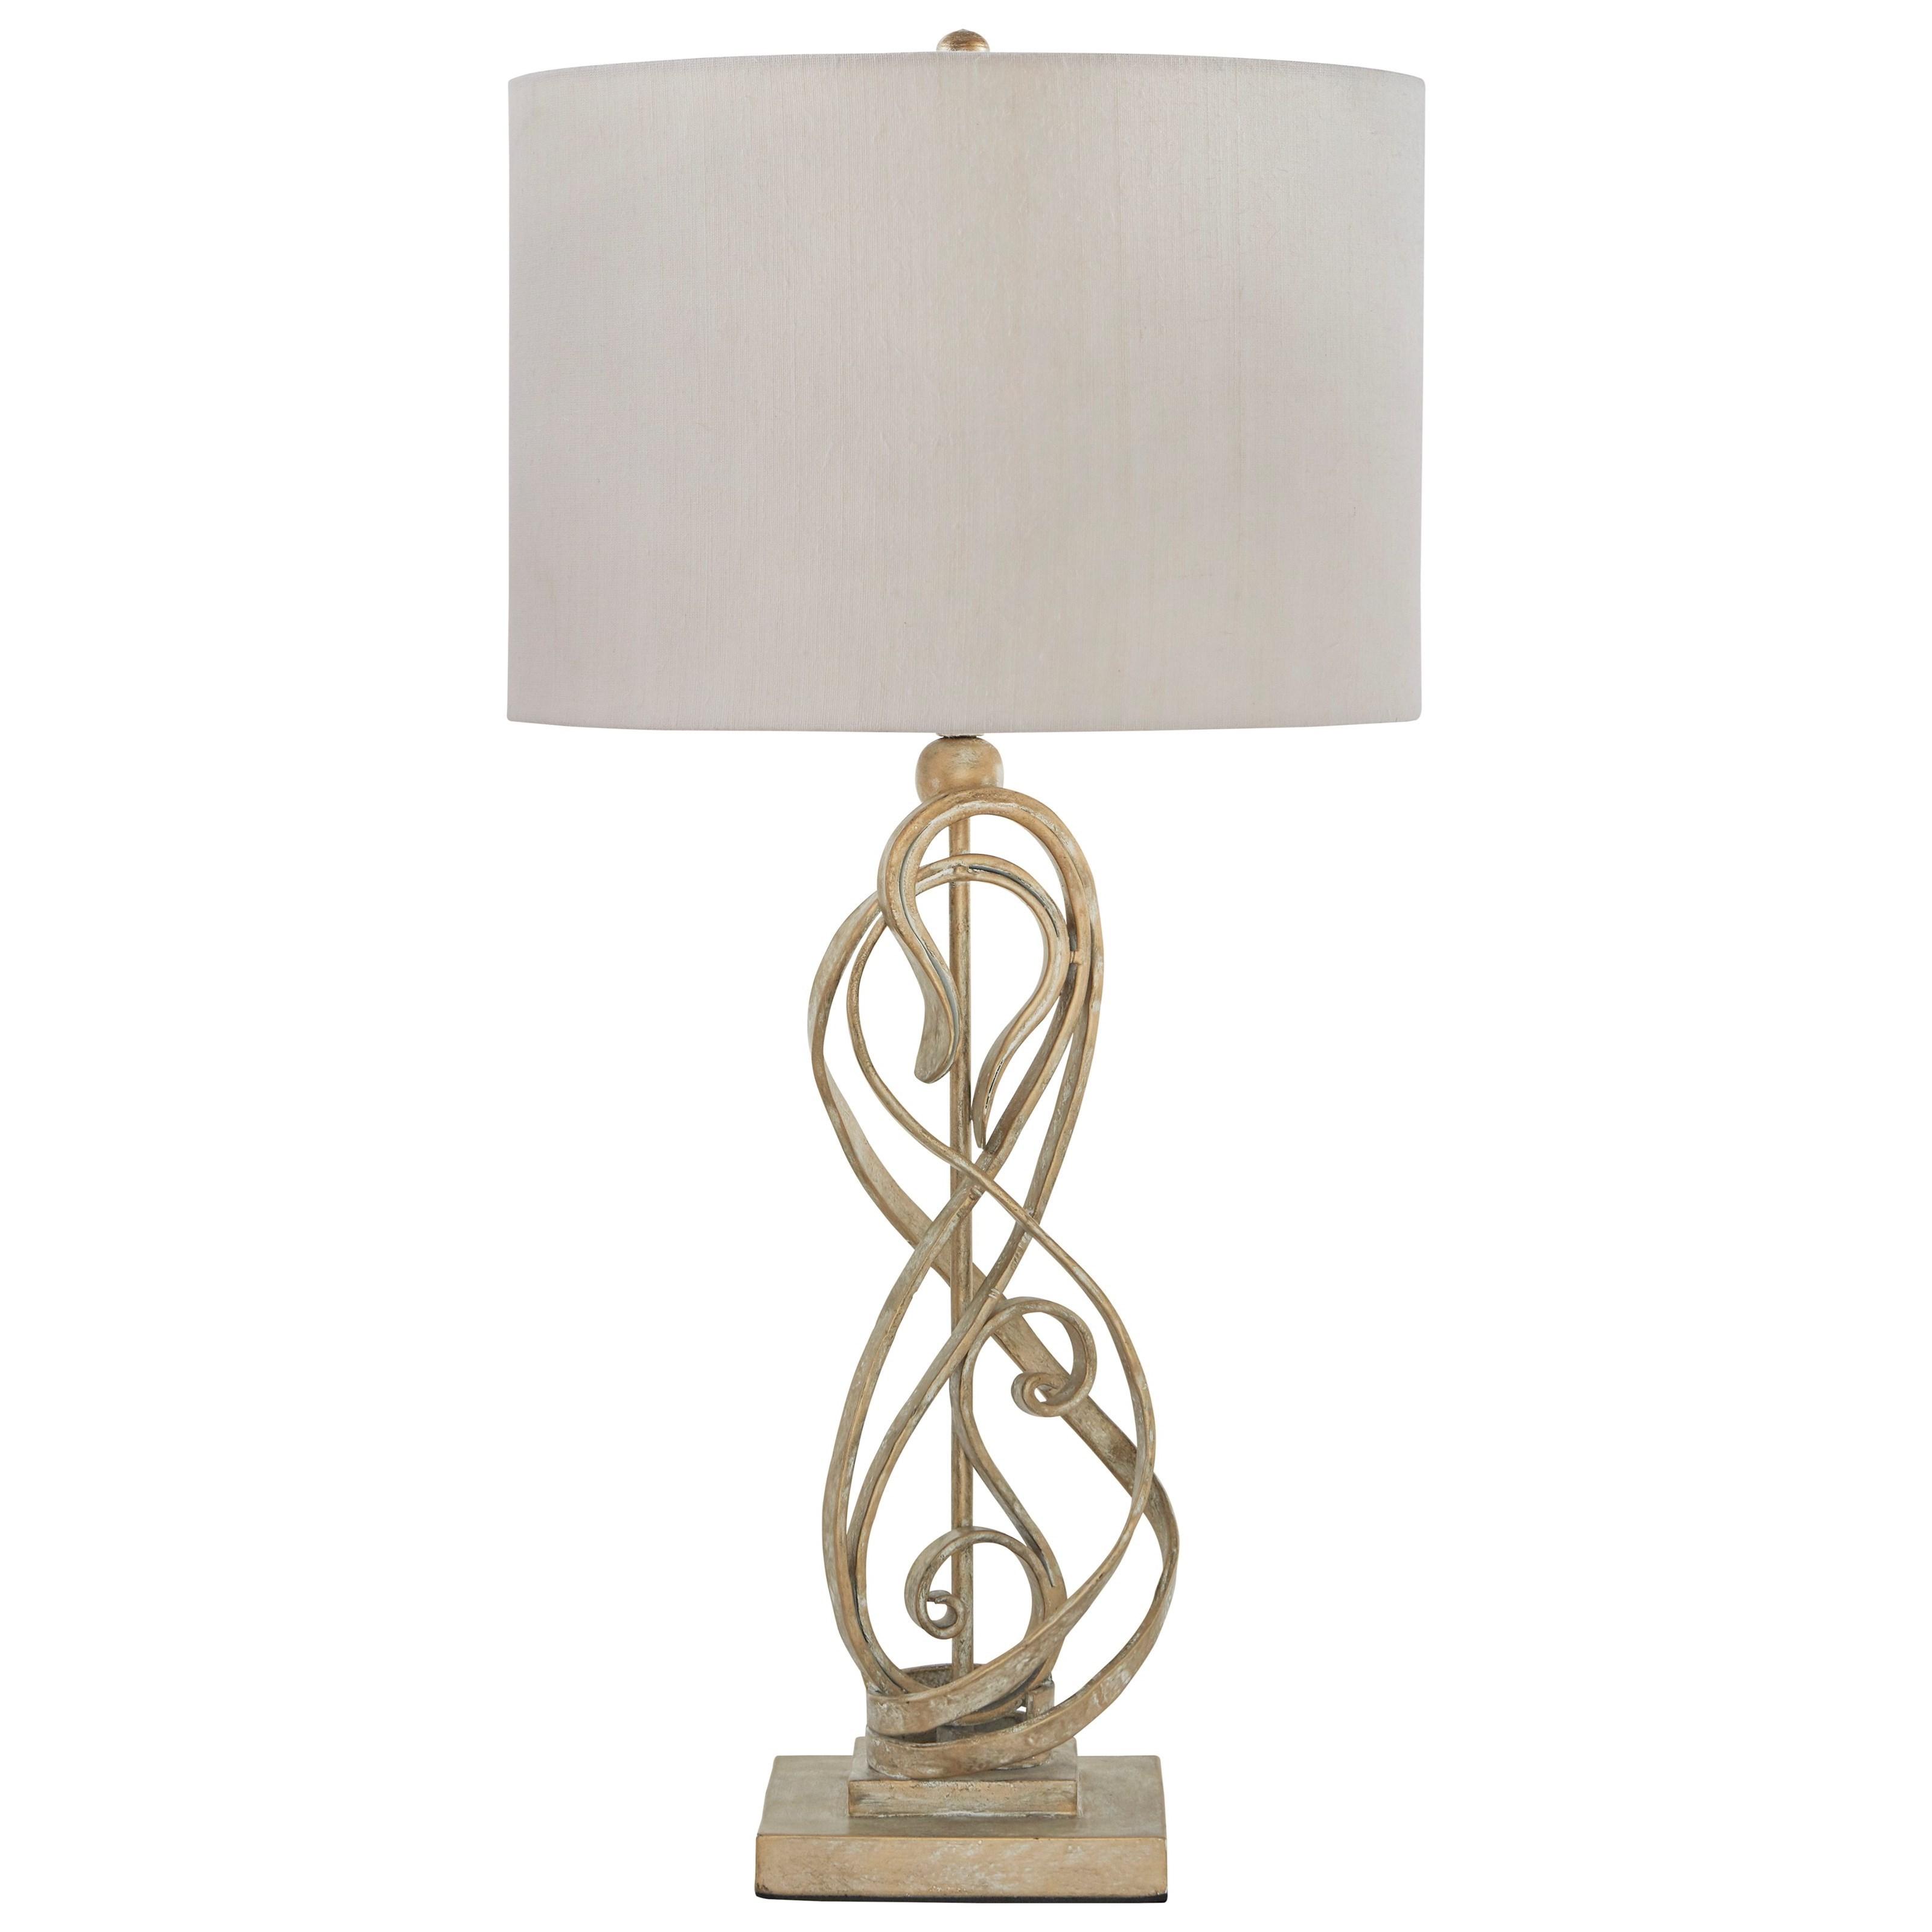 Edric Antique Gold Metal Table Lamp